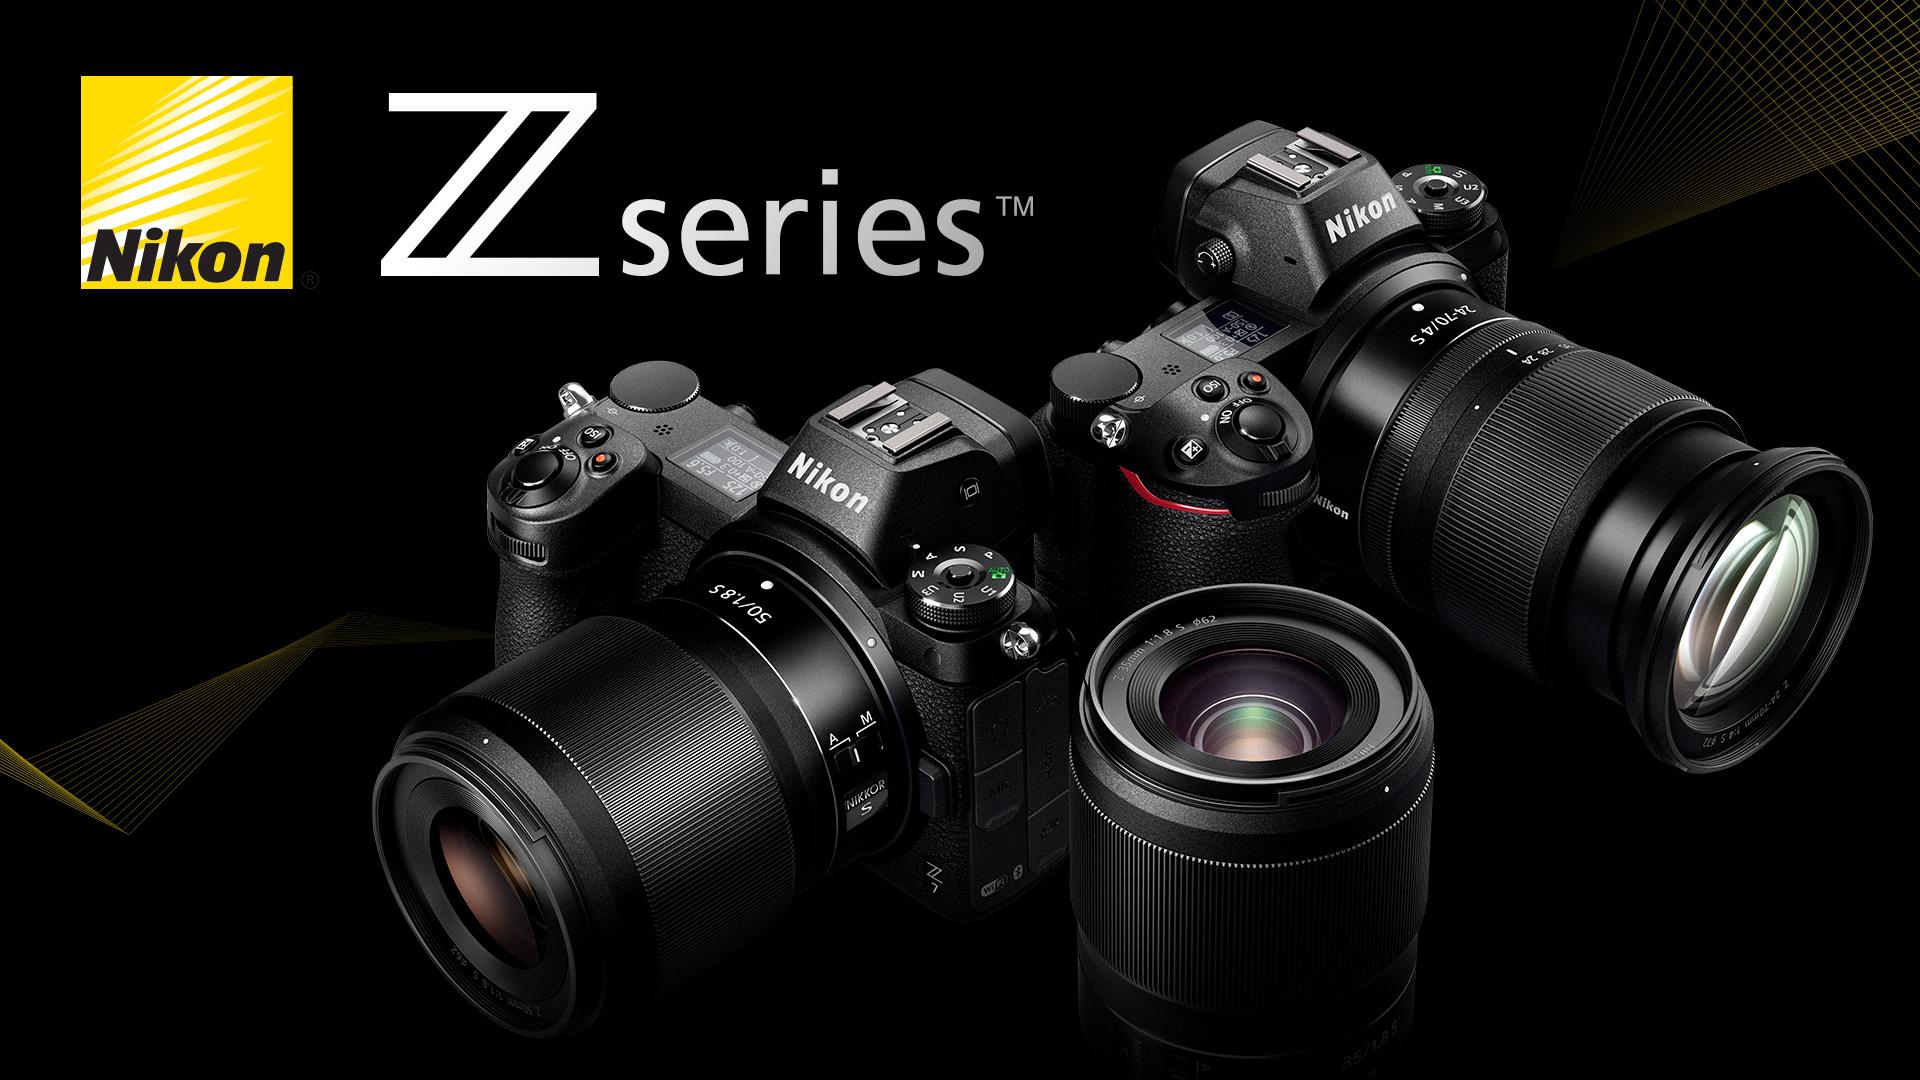 Nikon Family Rejoice! The Nikon Mirrorless Z Series Is Here!